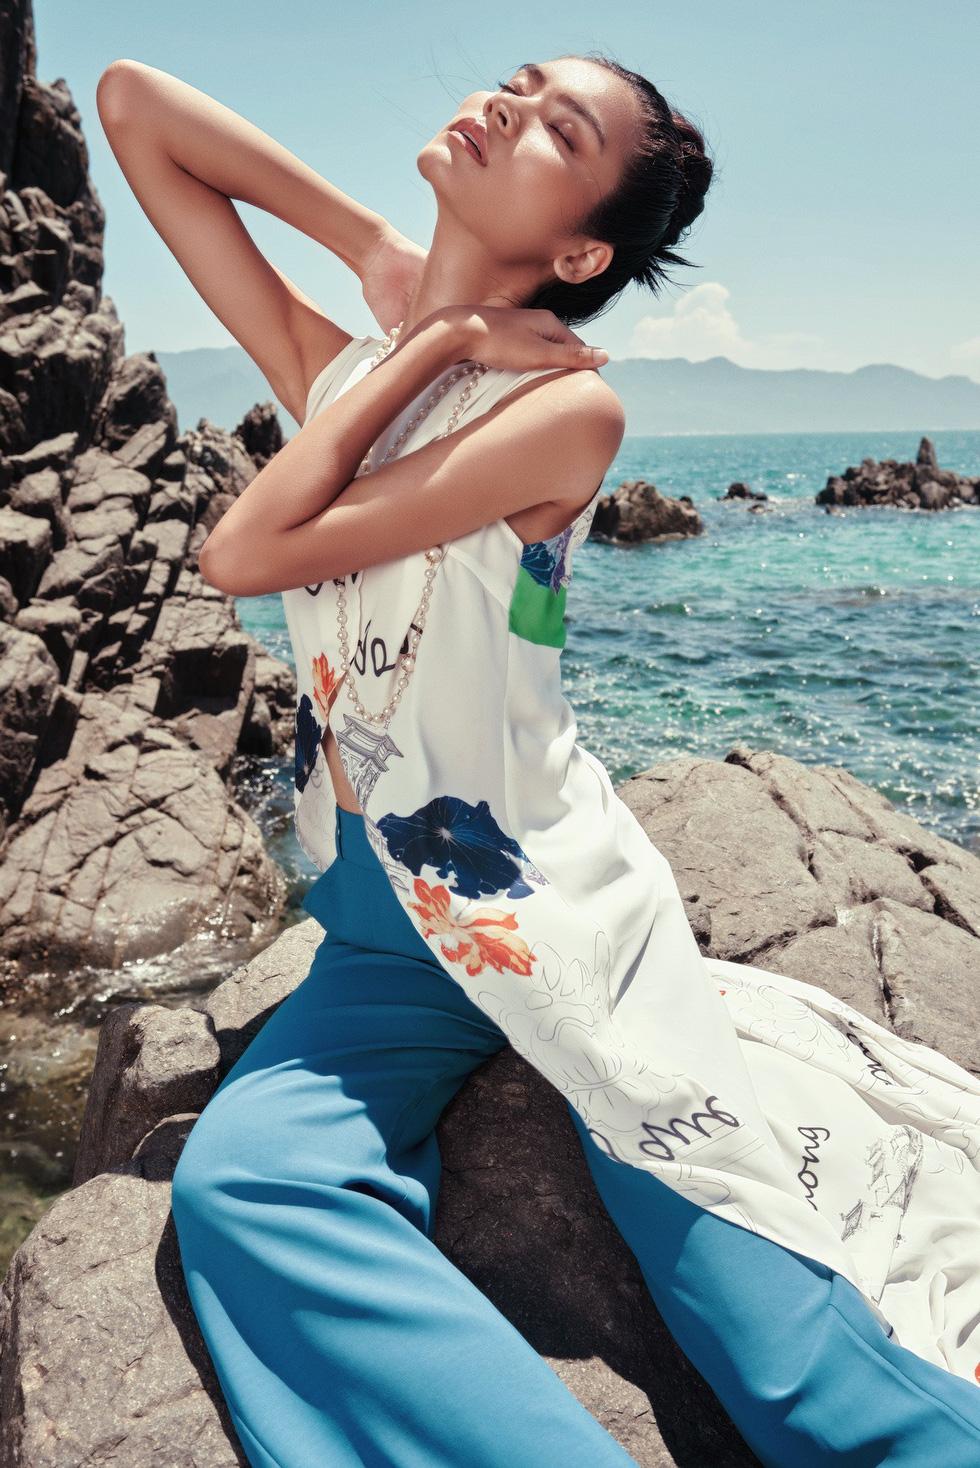 Danh thắng Việt Nam lên thời trang diễn ở Malaysia - Ảnh 8.